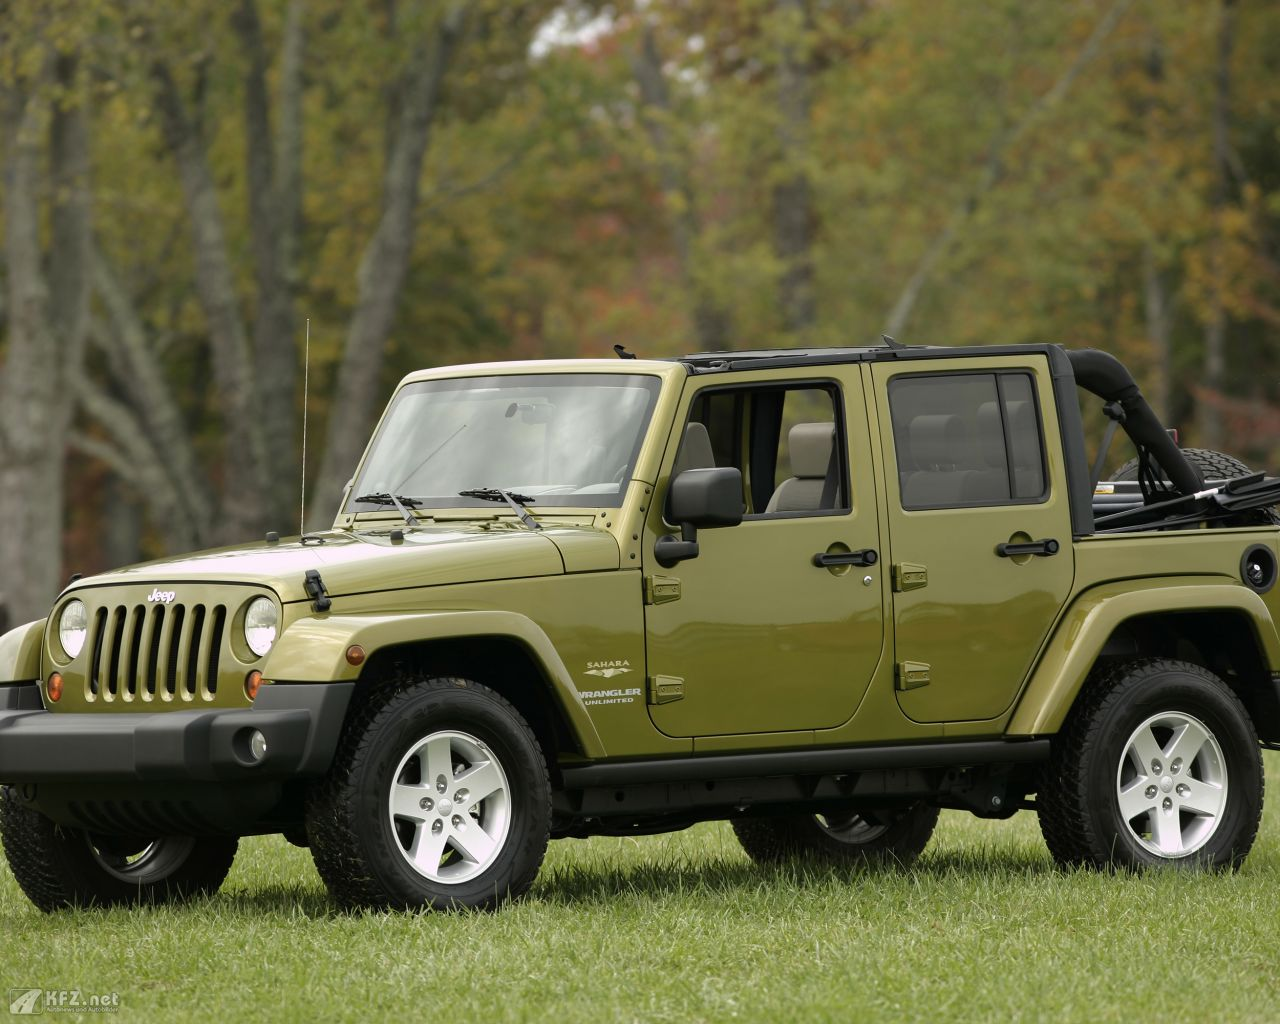 jeep-wrangler-1280x1024-11